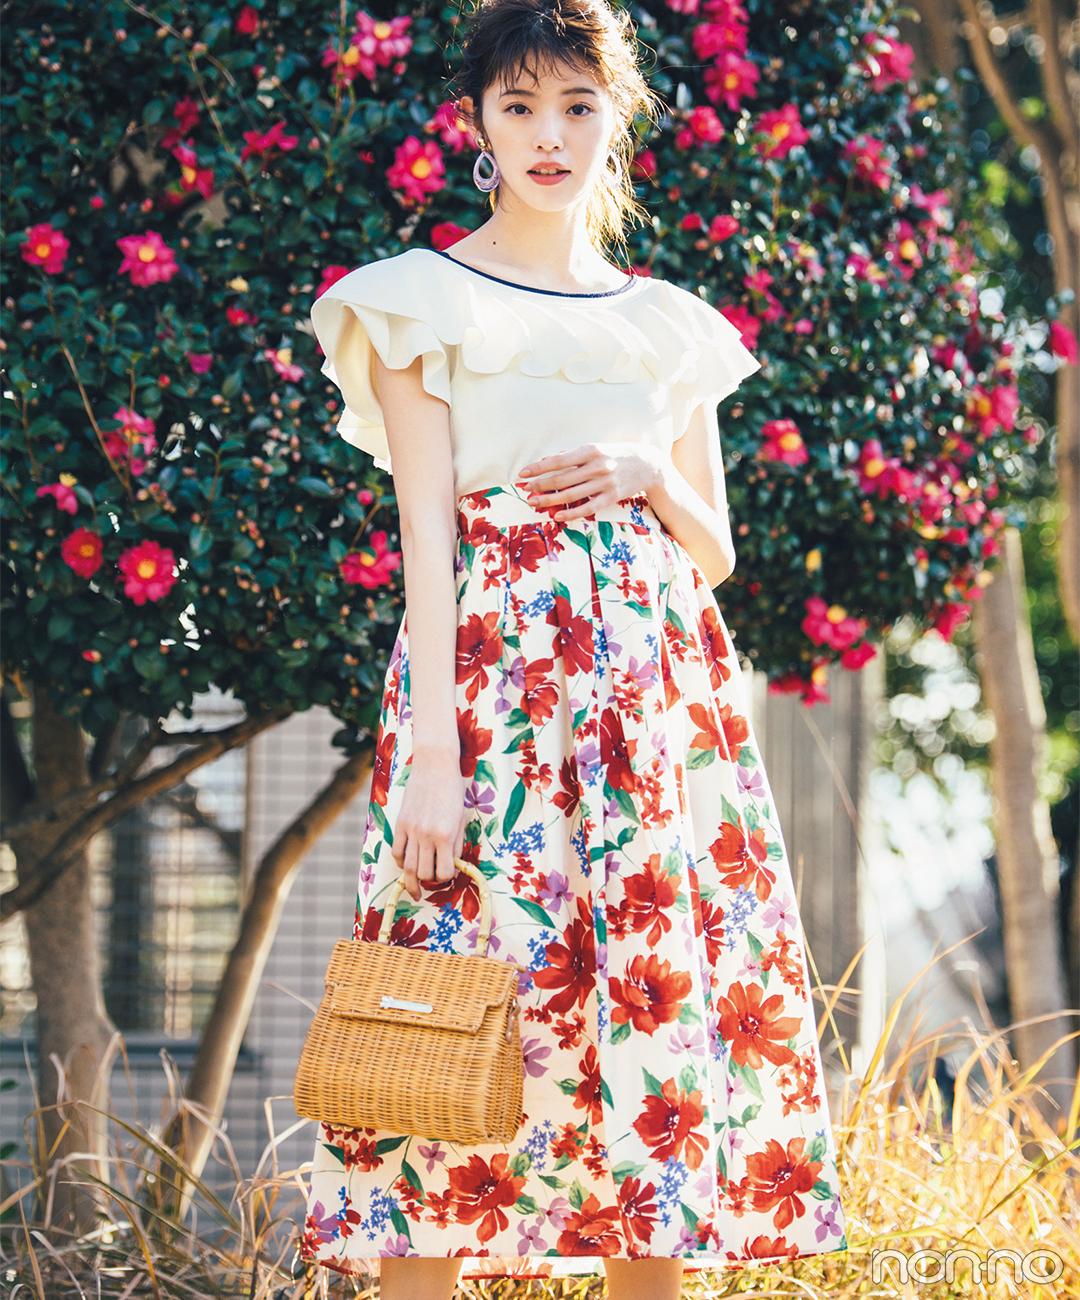 ドラマティックな花柄スカートを主役に♡ 春のデートコーデにもぴったり!【毎日コーデ】_1_1